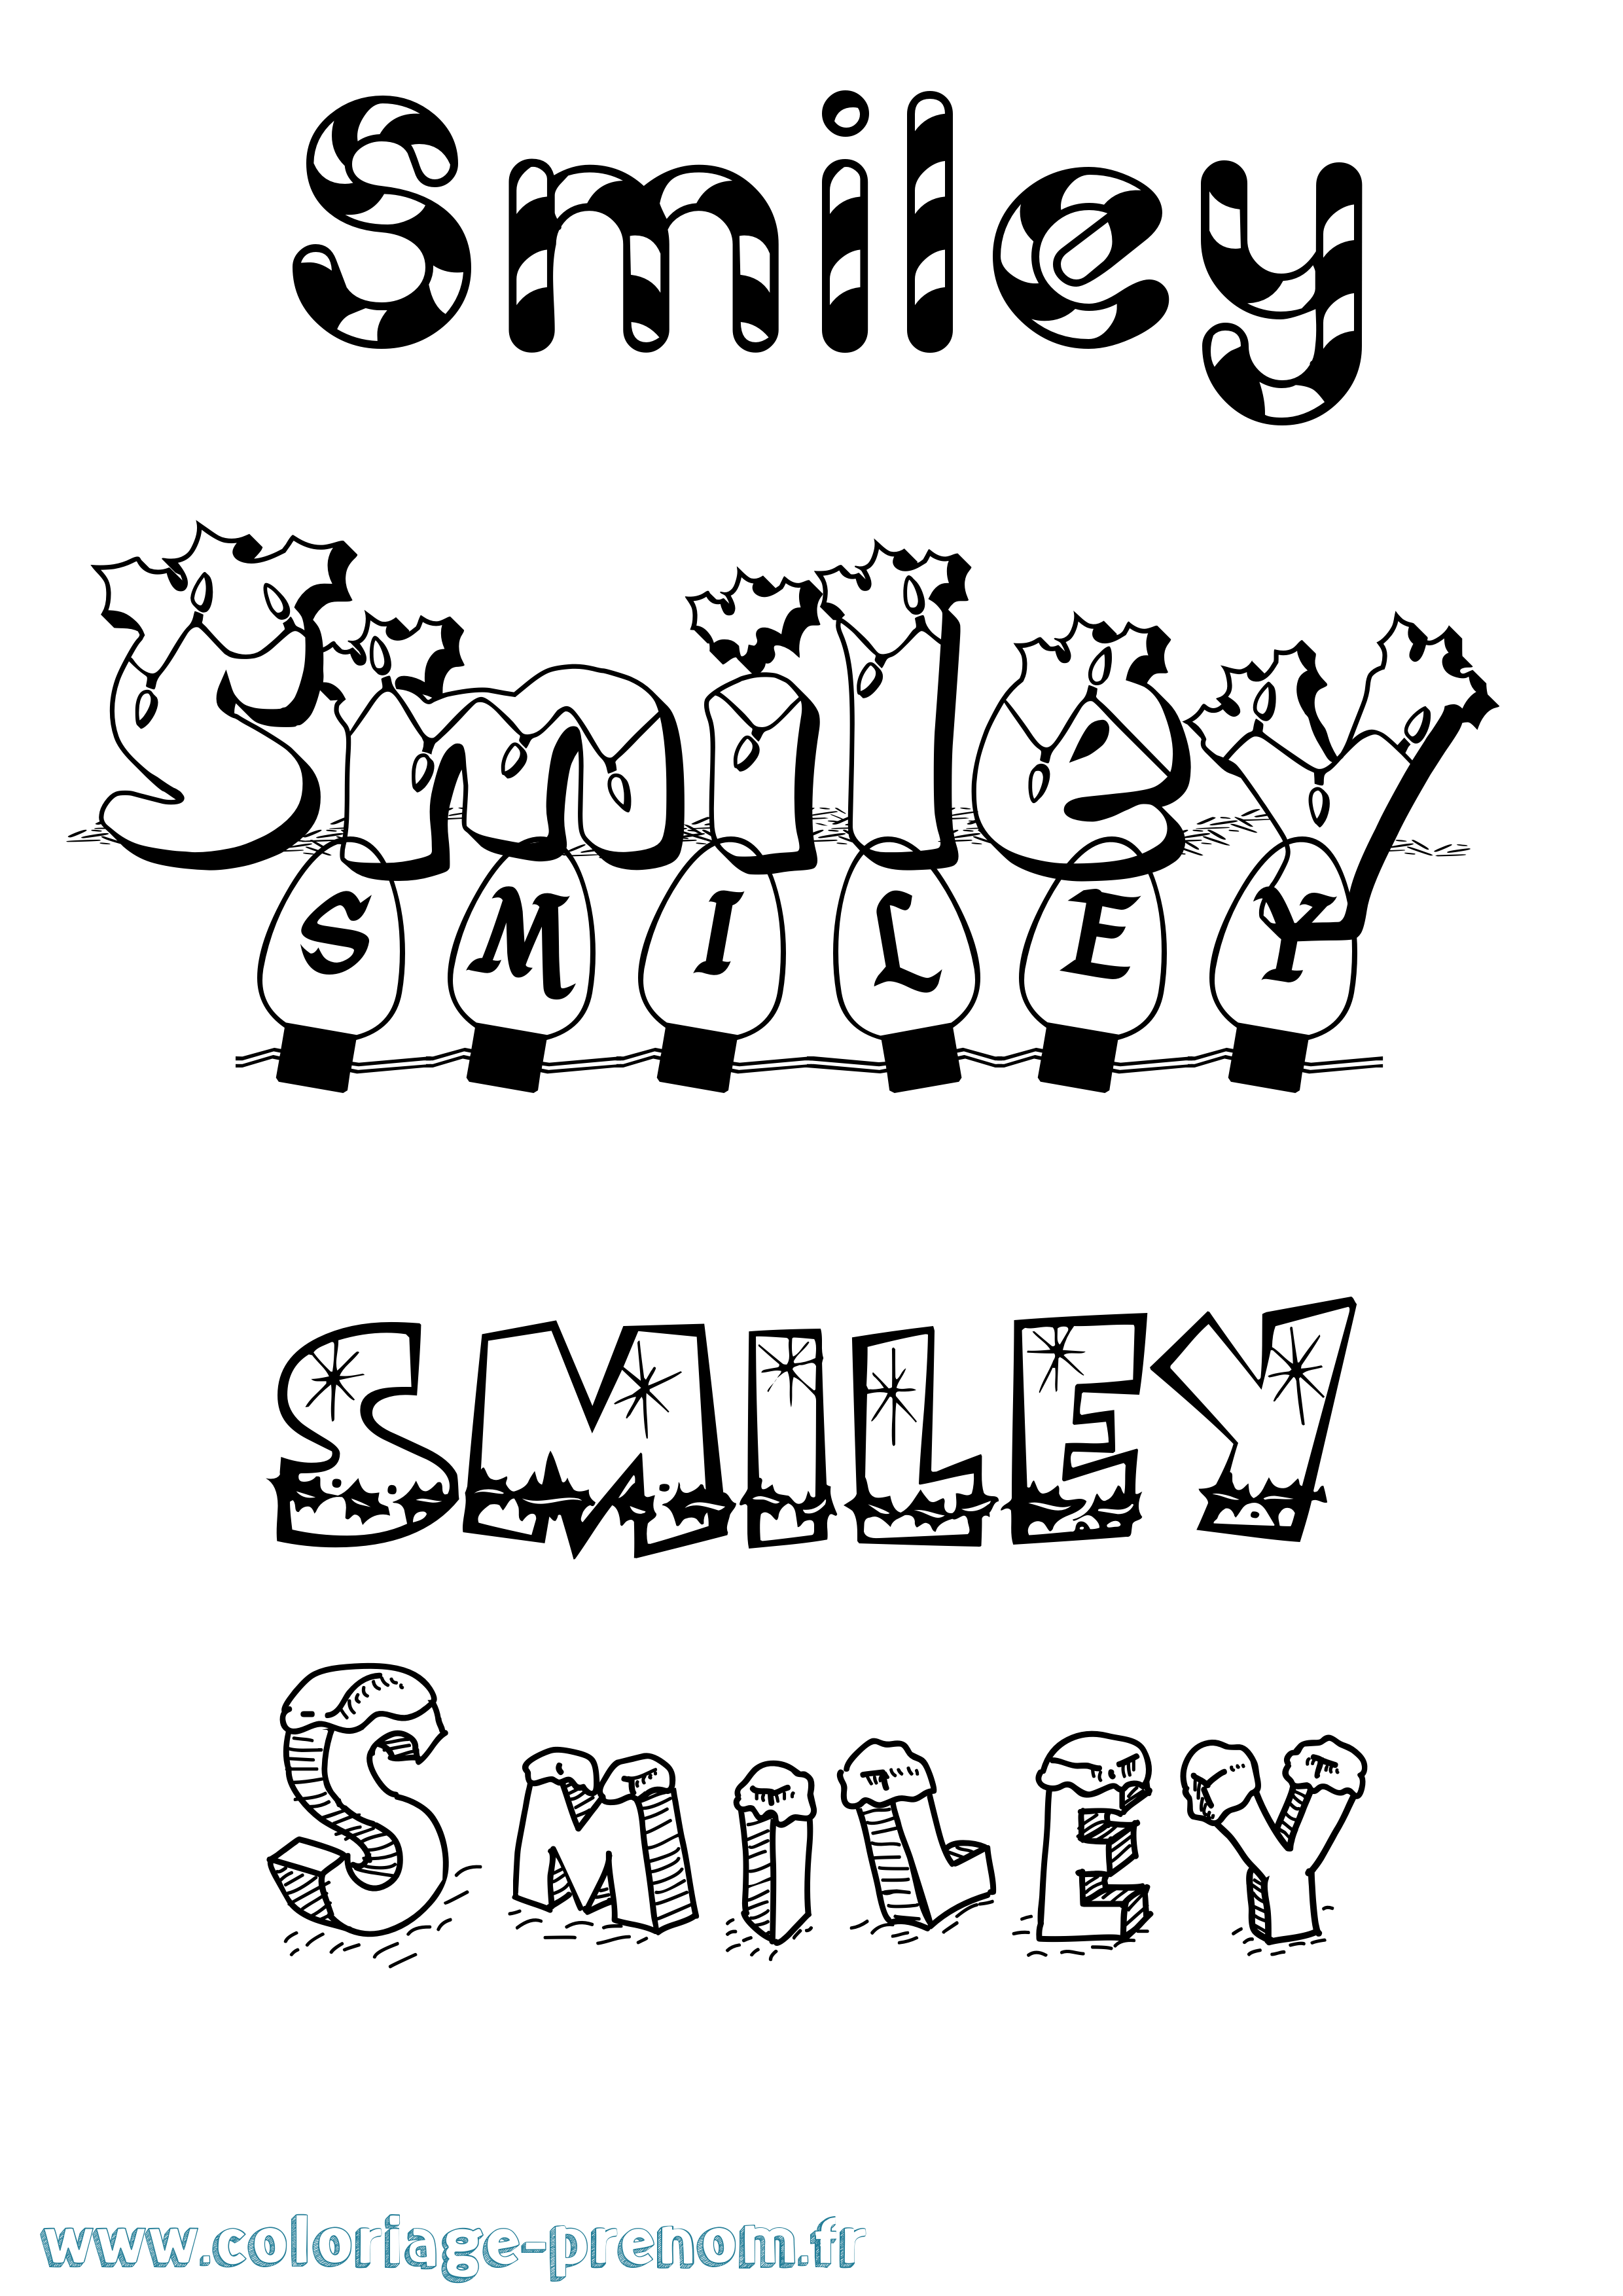 Coloriage A Imprimer Smiley.Coloriage Du Prenom Smiley A Imprimer Ou Telecharger Facilement